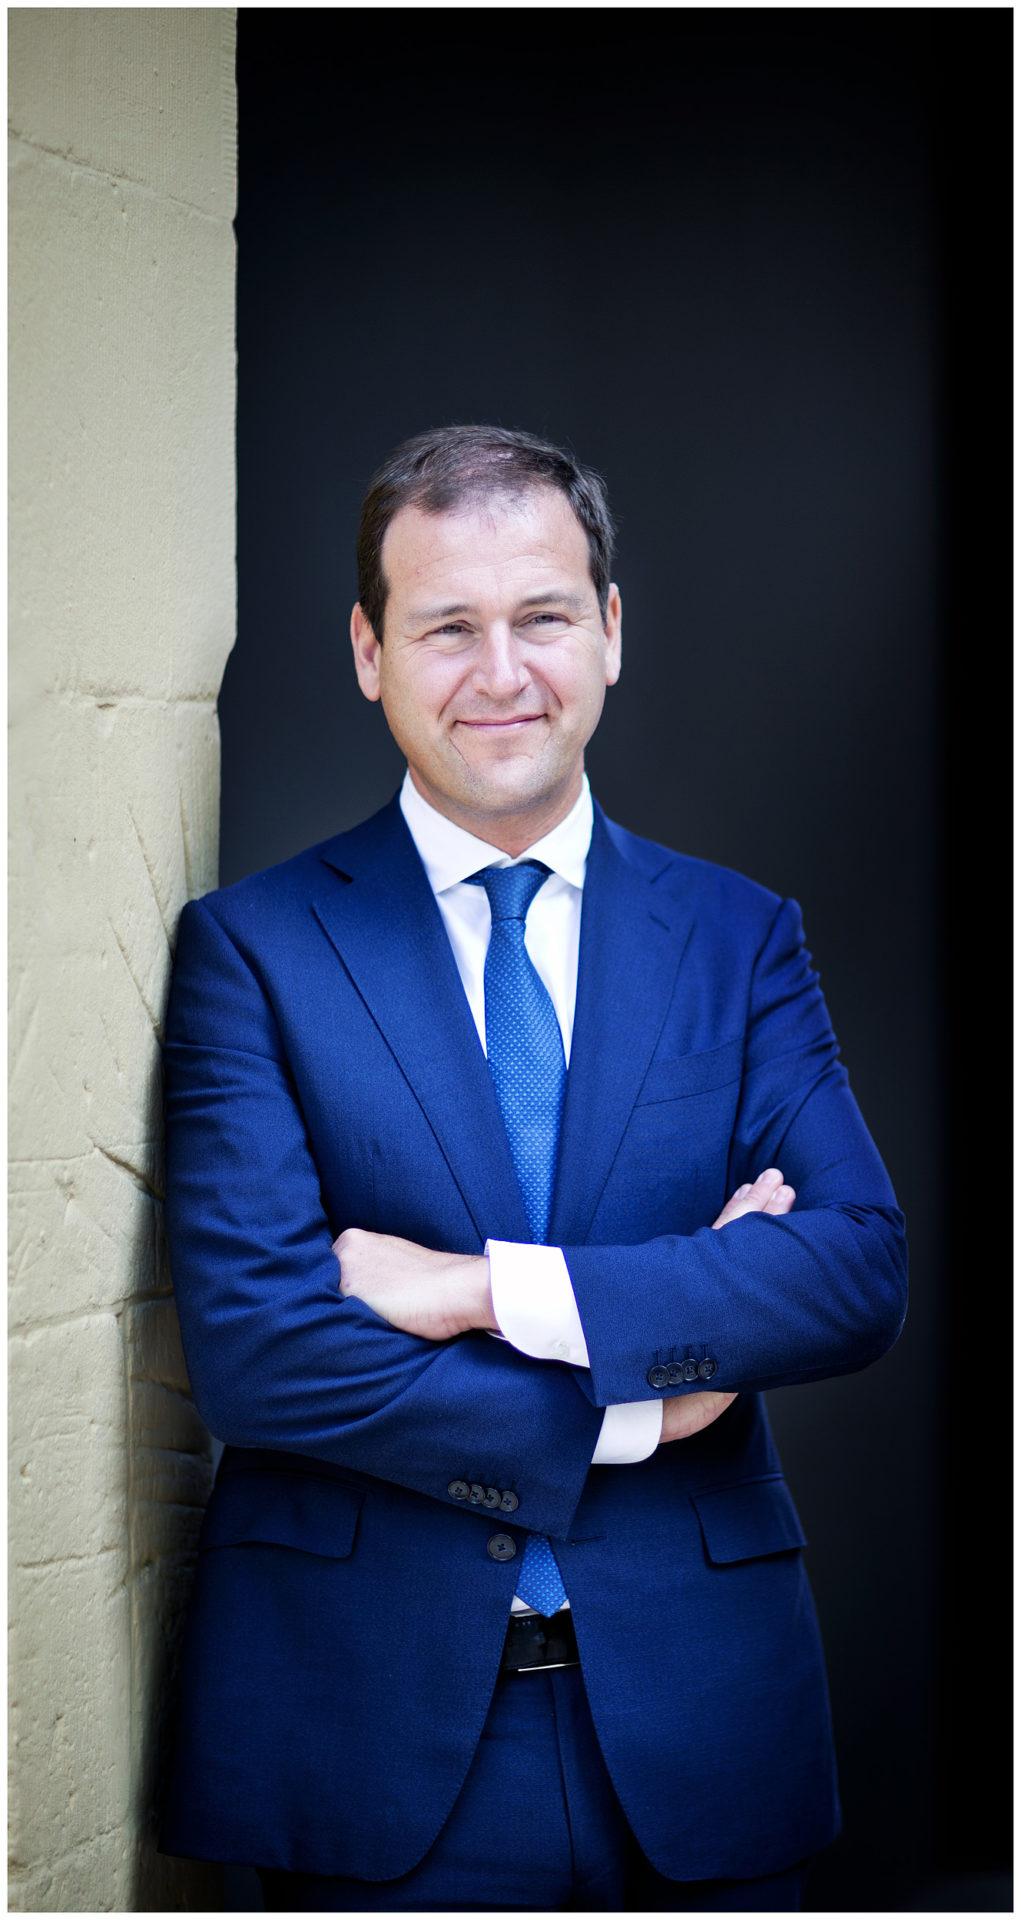 Portretten Lodewijk Asscher (PvdA)